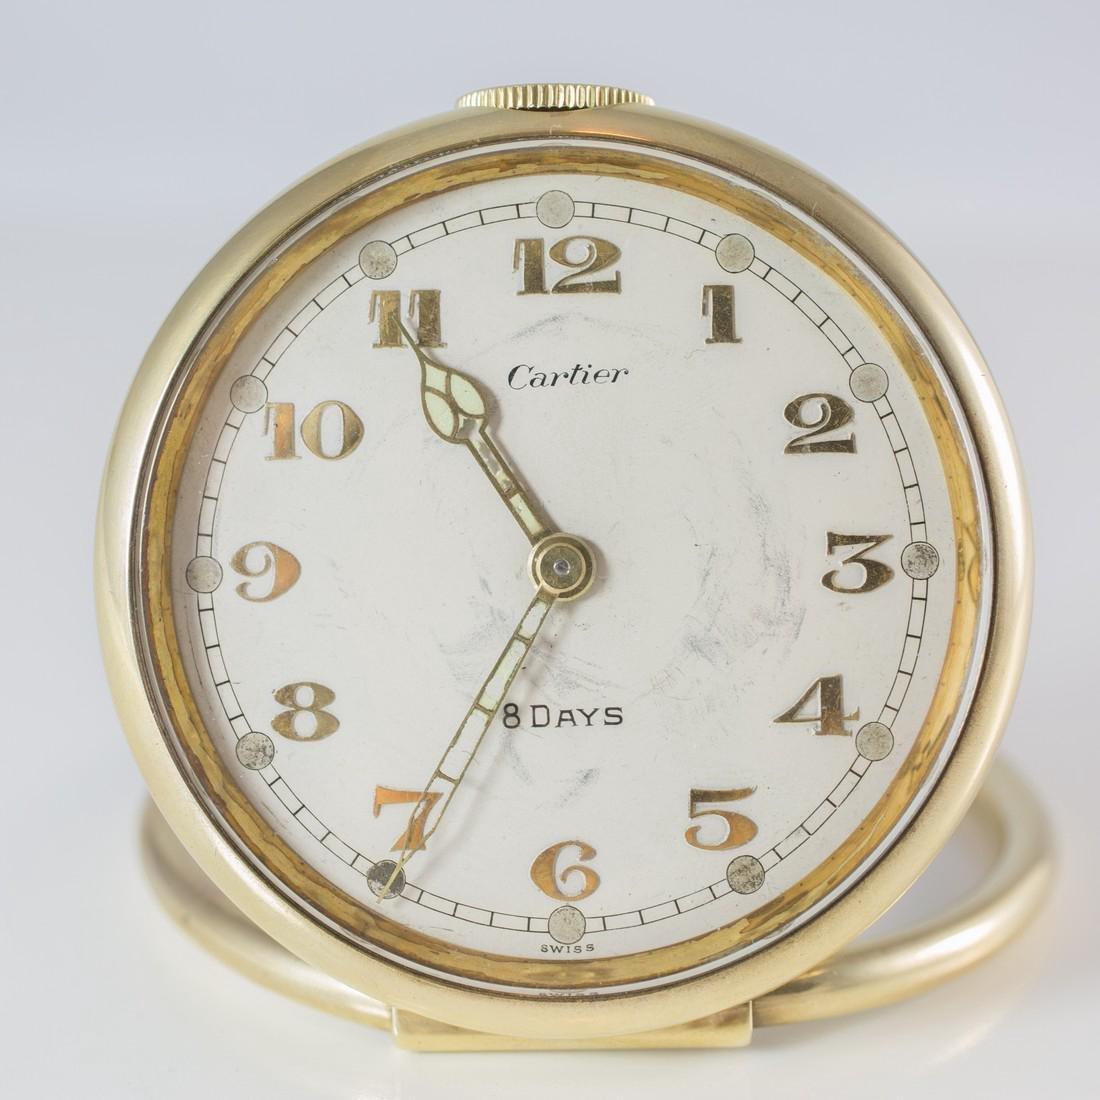 Cartier Swiss 8 Day 10K Gold Filled Travel Desk Clock - 3